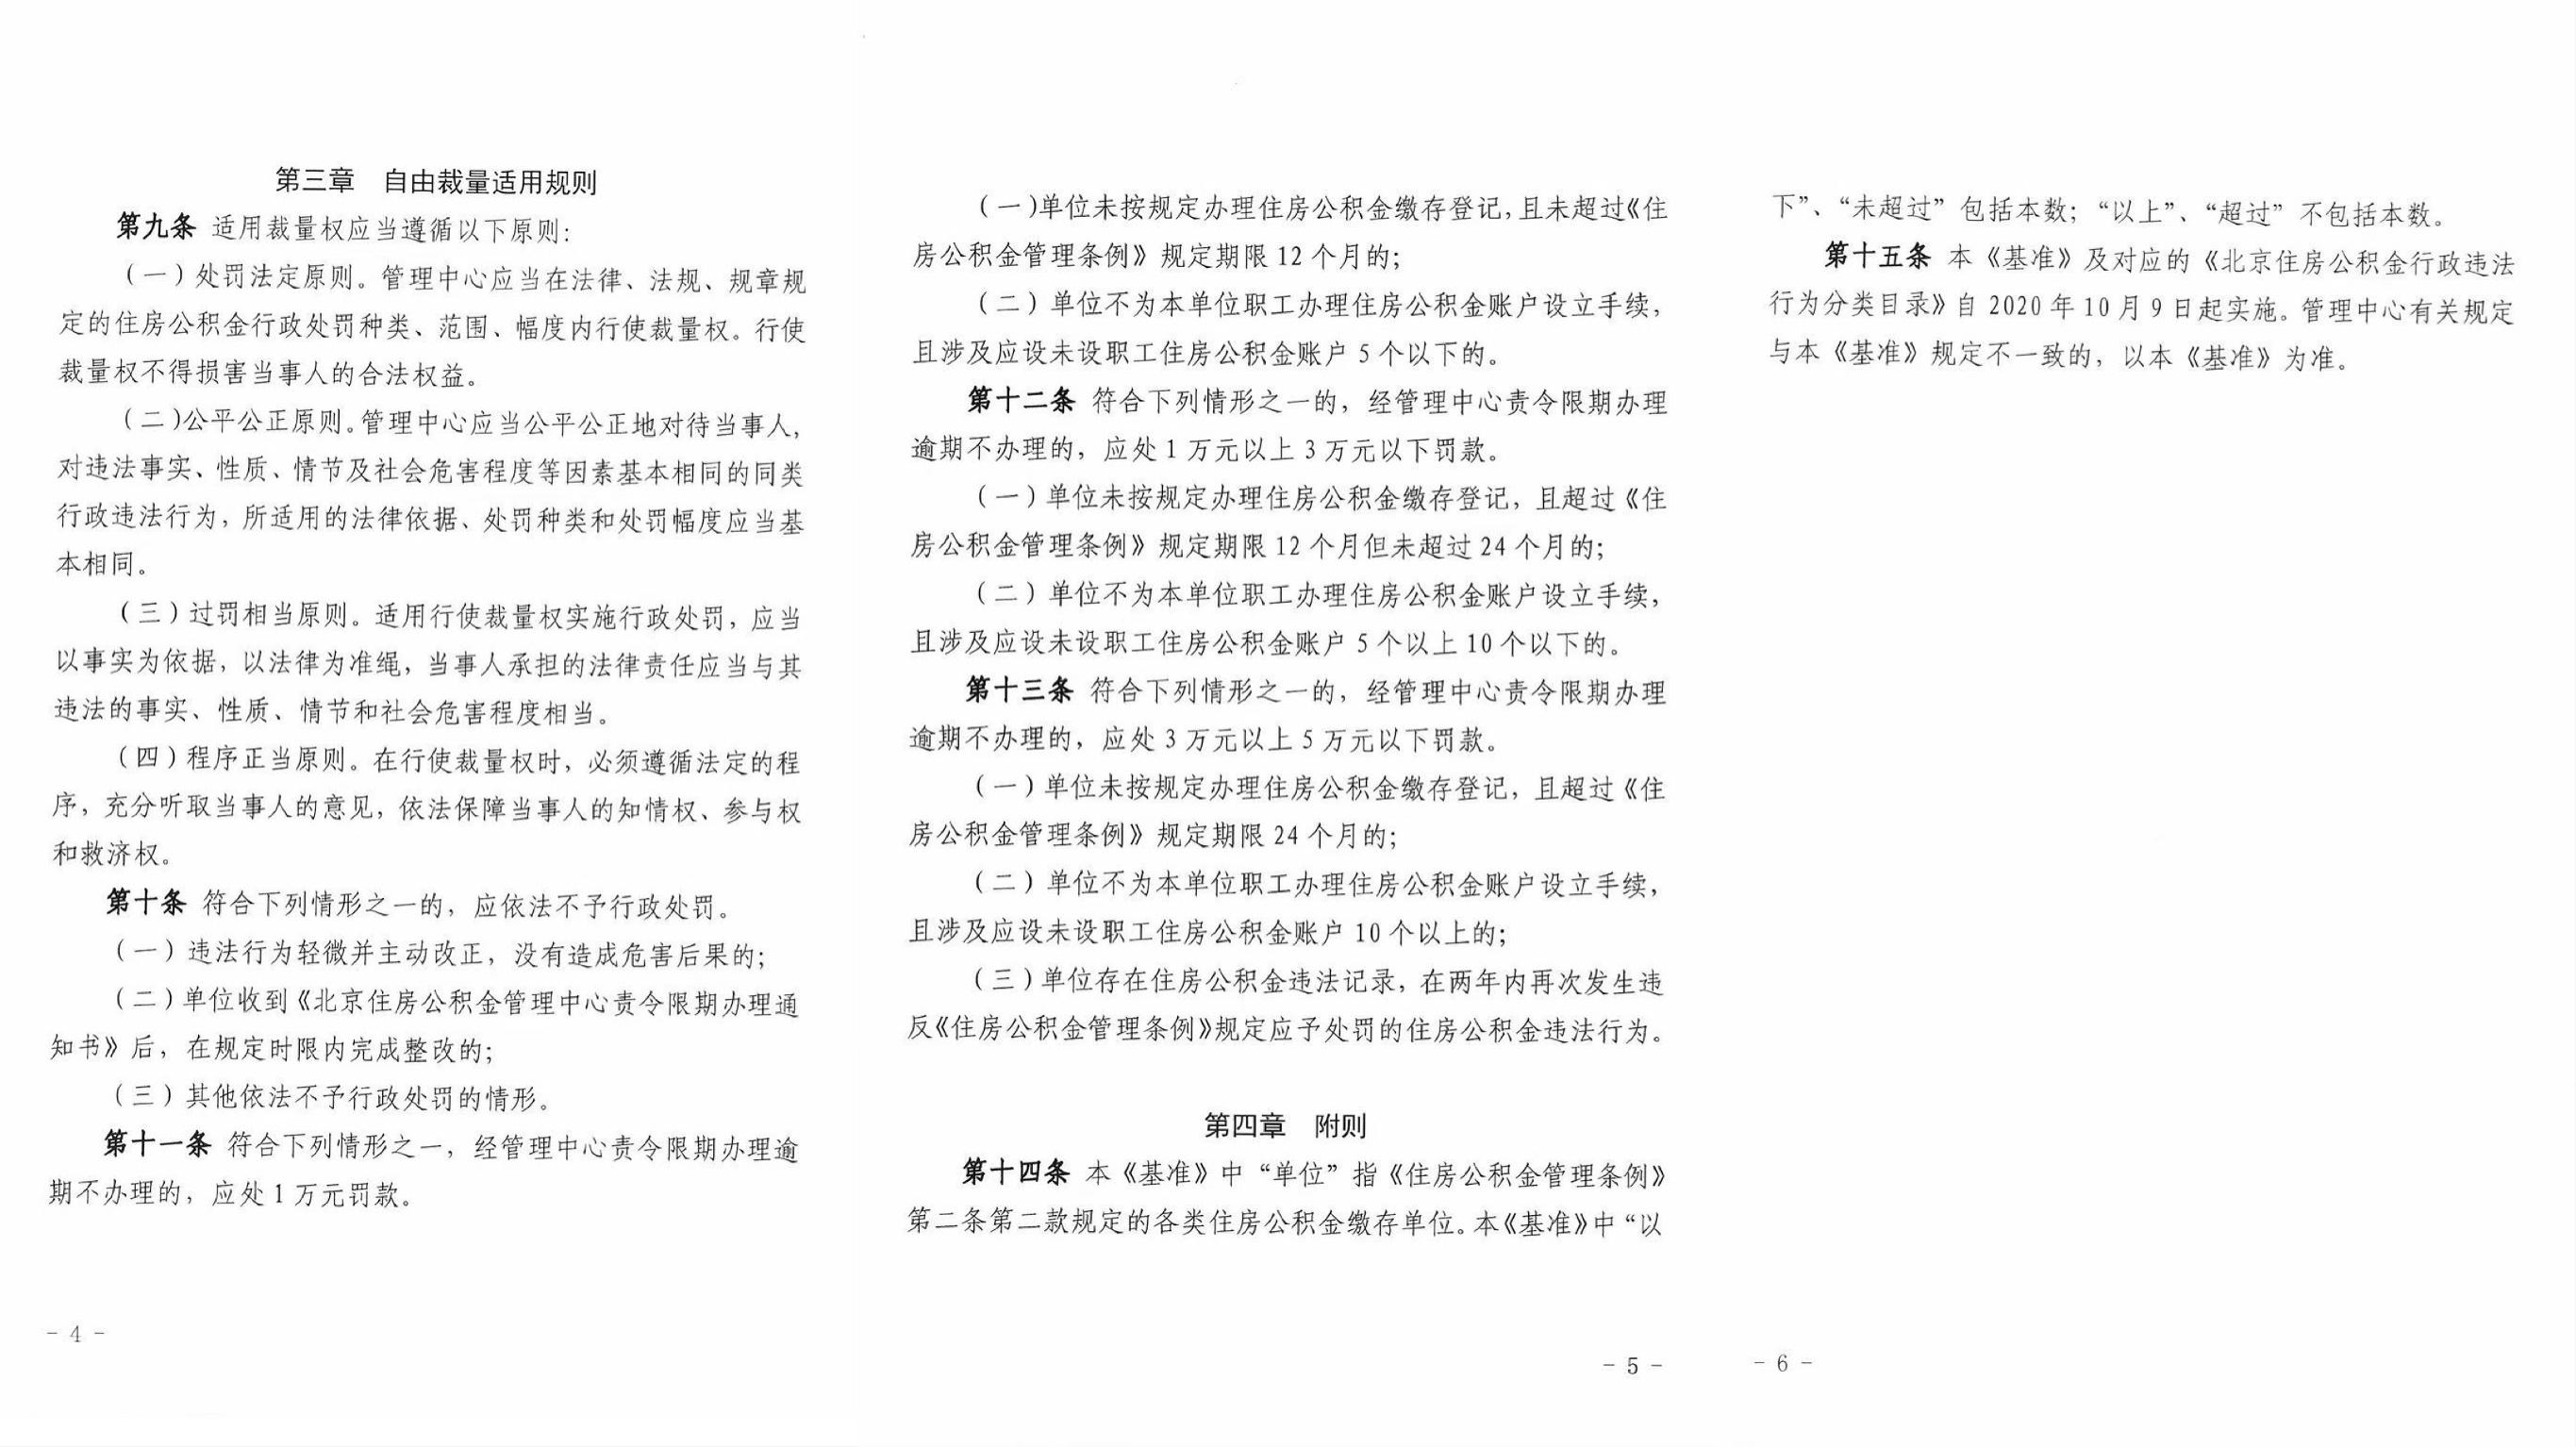 繼社保后公積金再出新政策,北京公積金強制繳納,管理中心已明確行政處罰的裁量標準